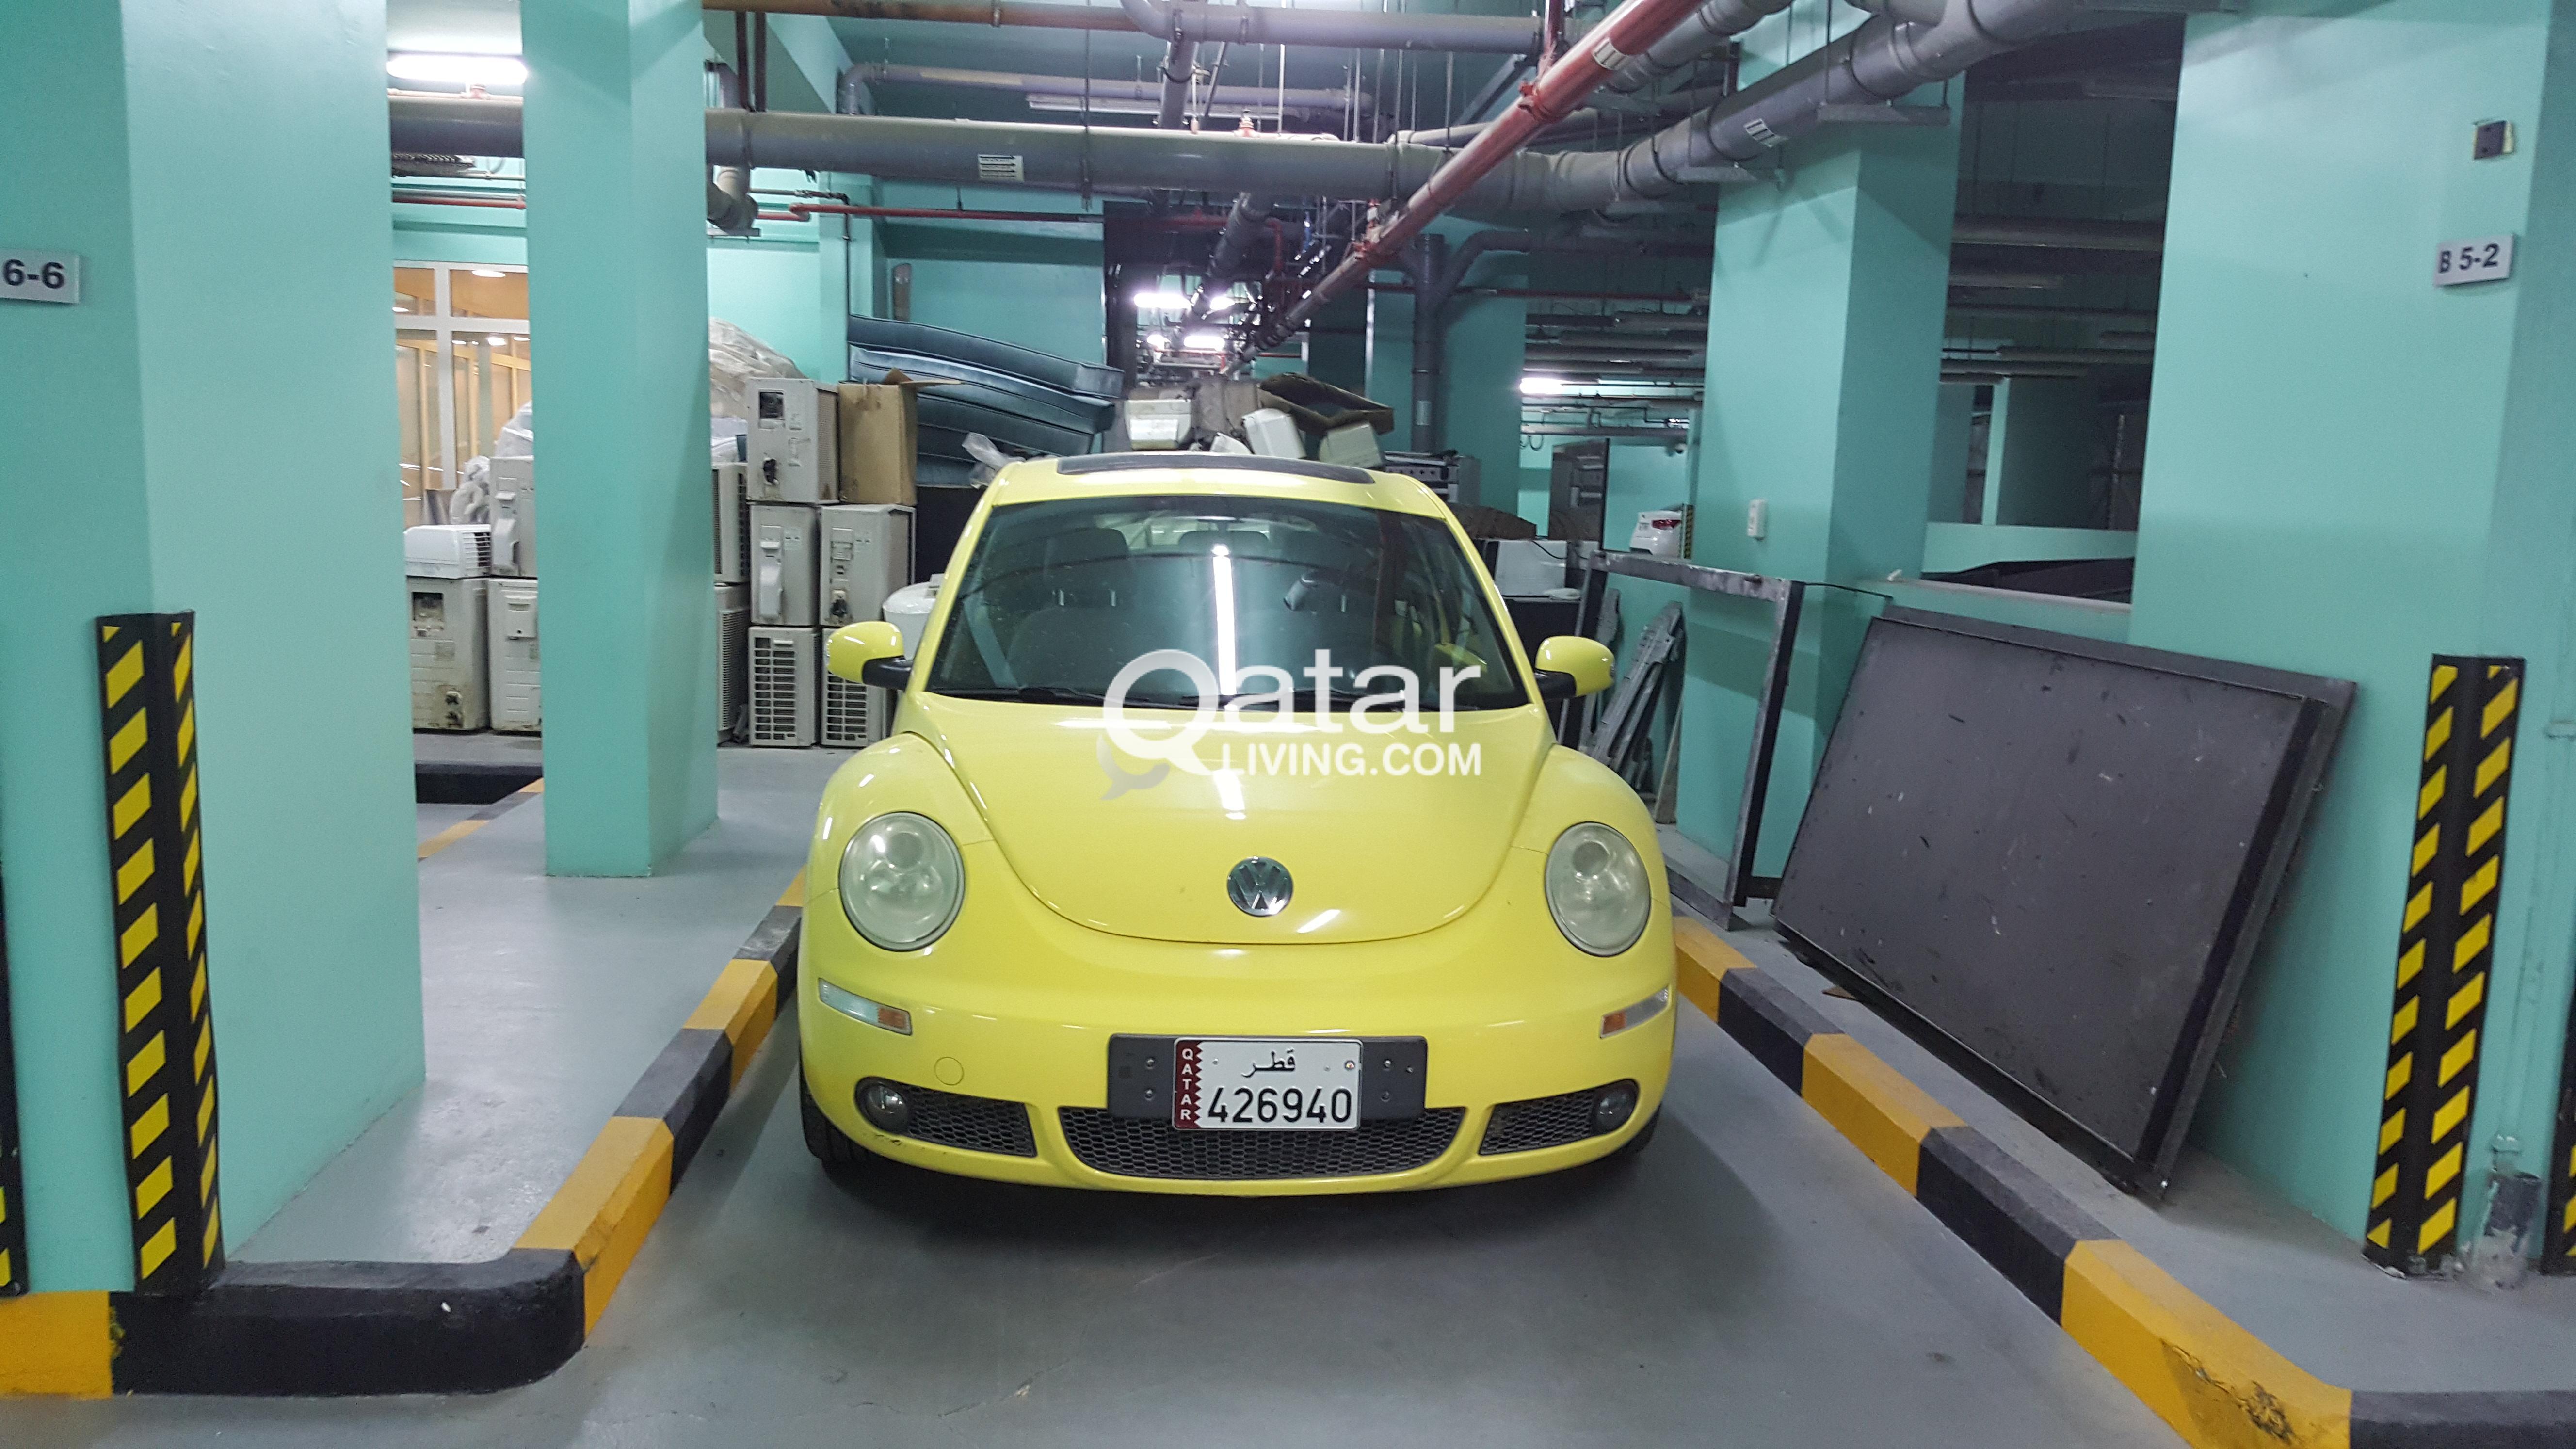 A unique car for sale | Qatar Living